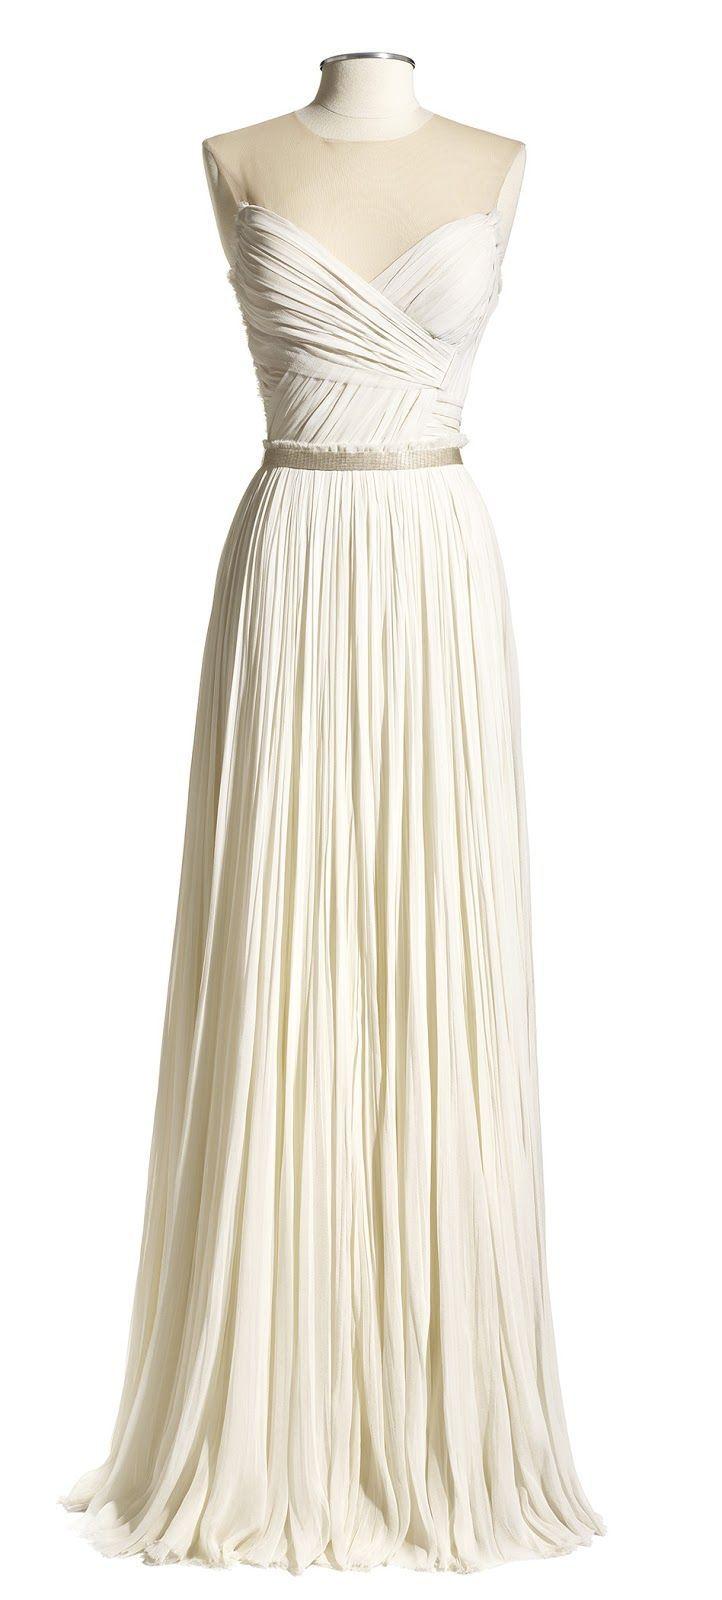 J mendel beautiful dress timeless bodas pinterest cheap